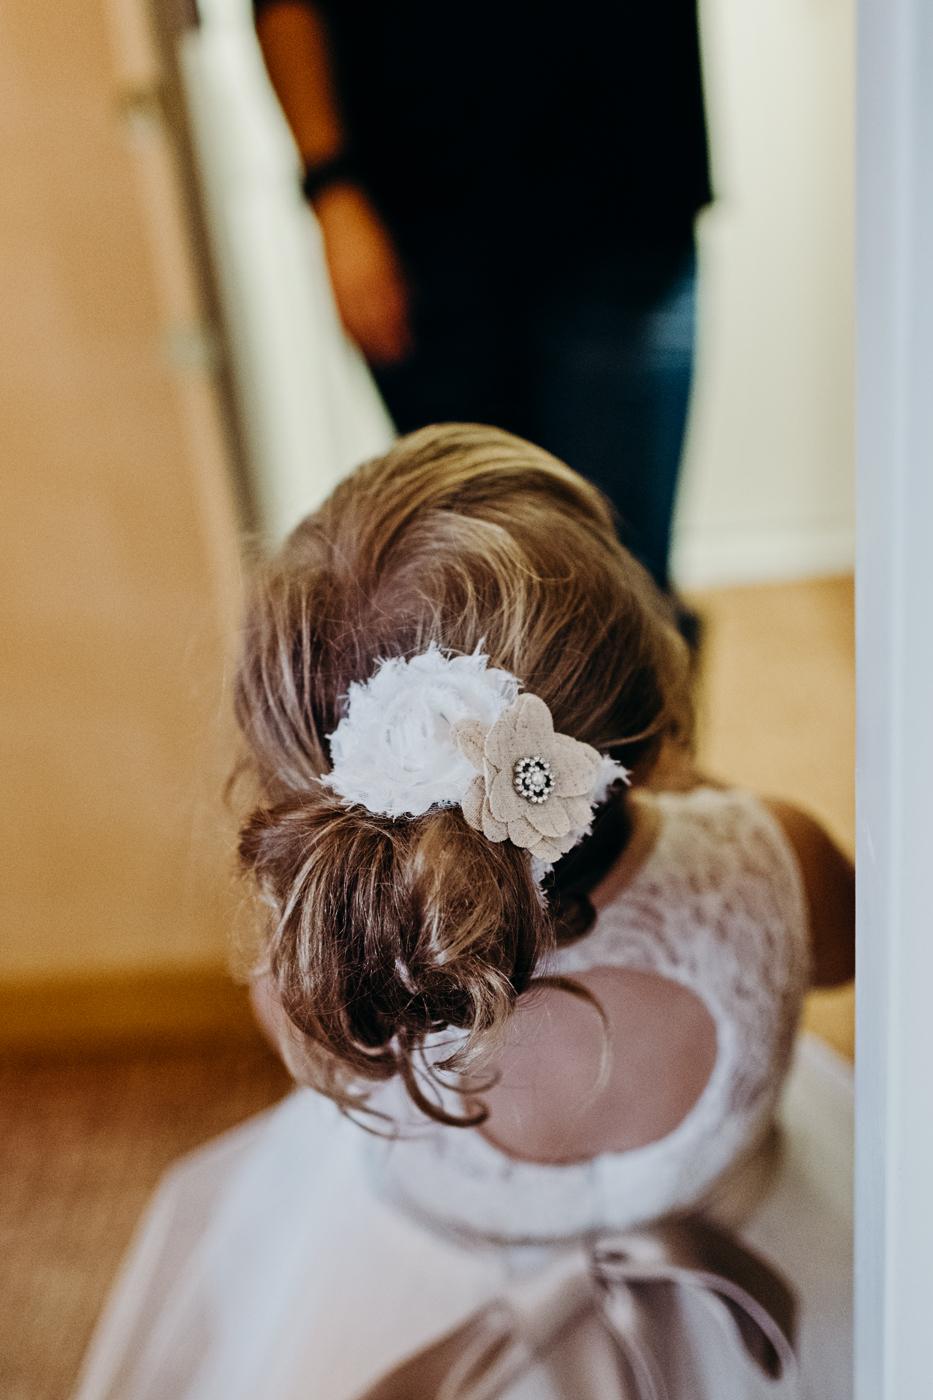 Flower girl's burlap flower hair tie